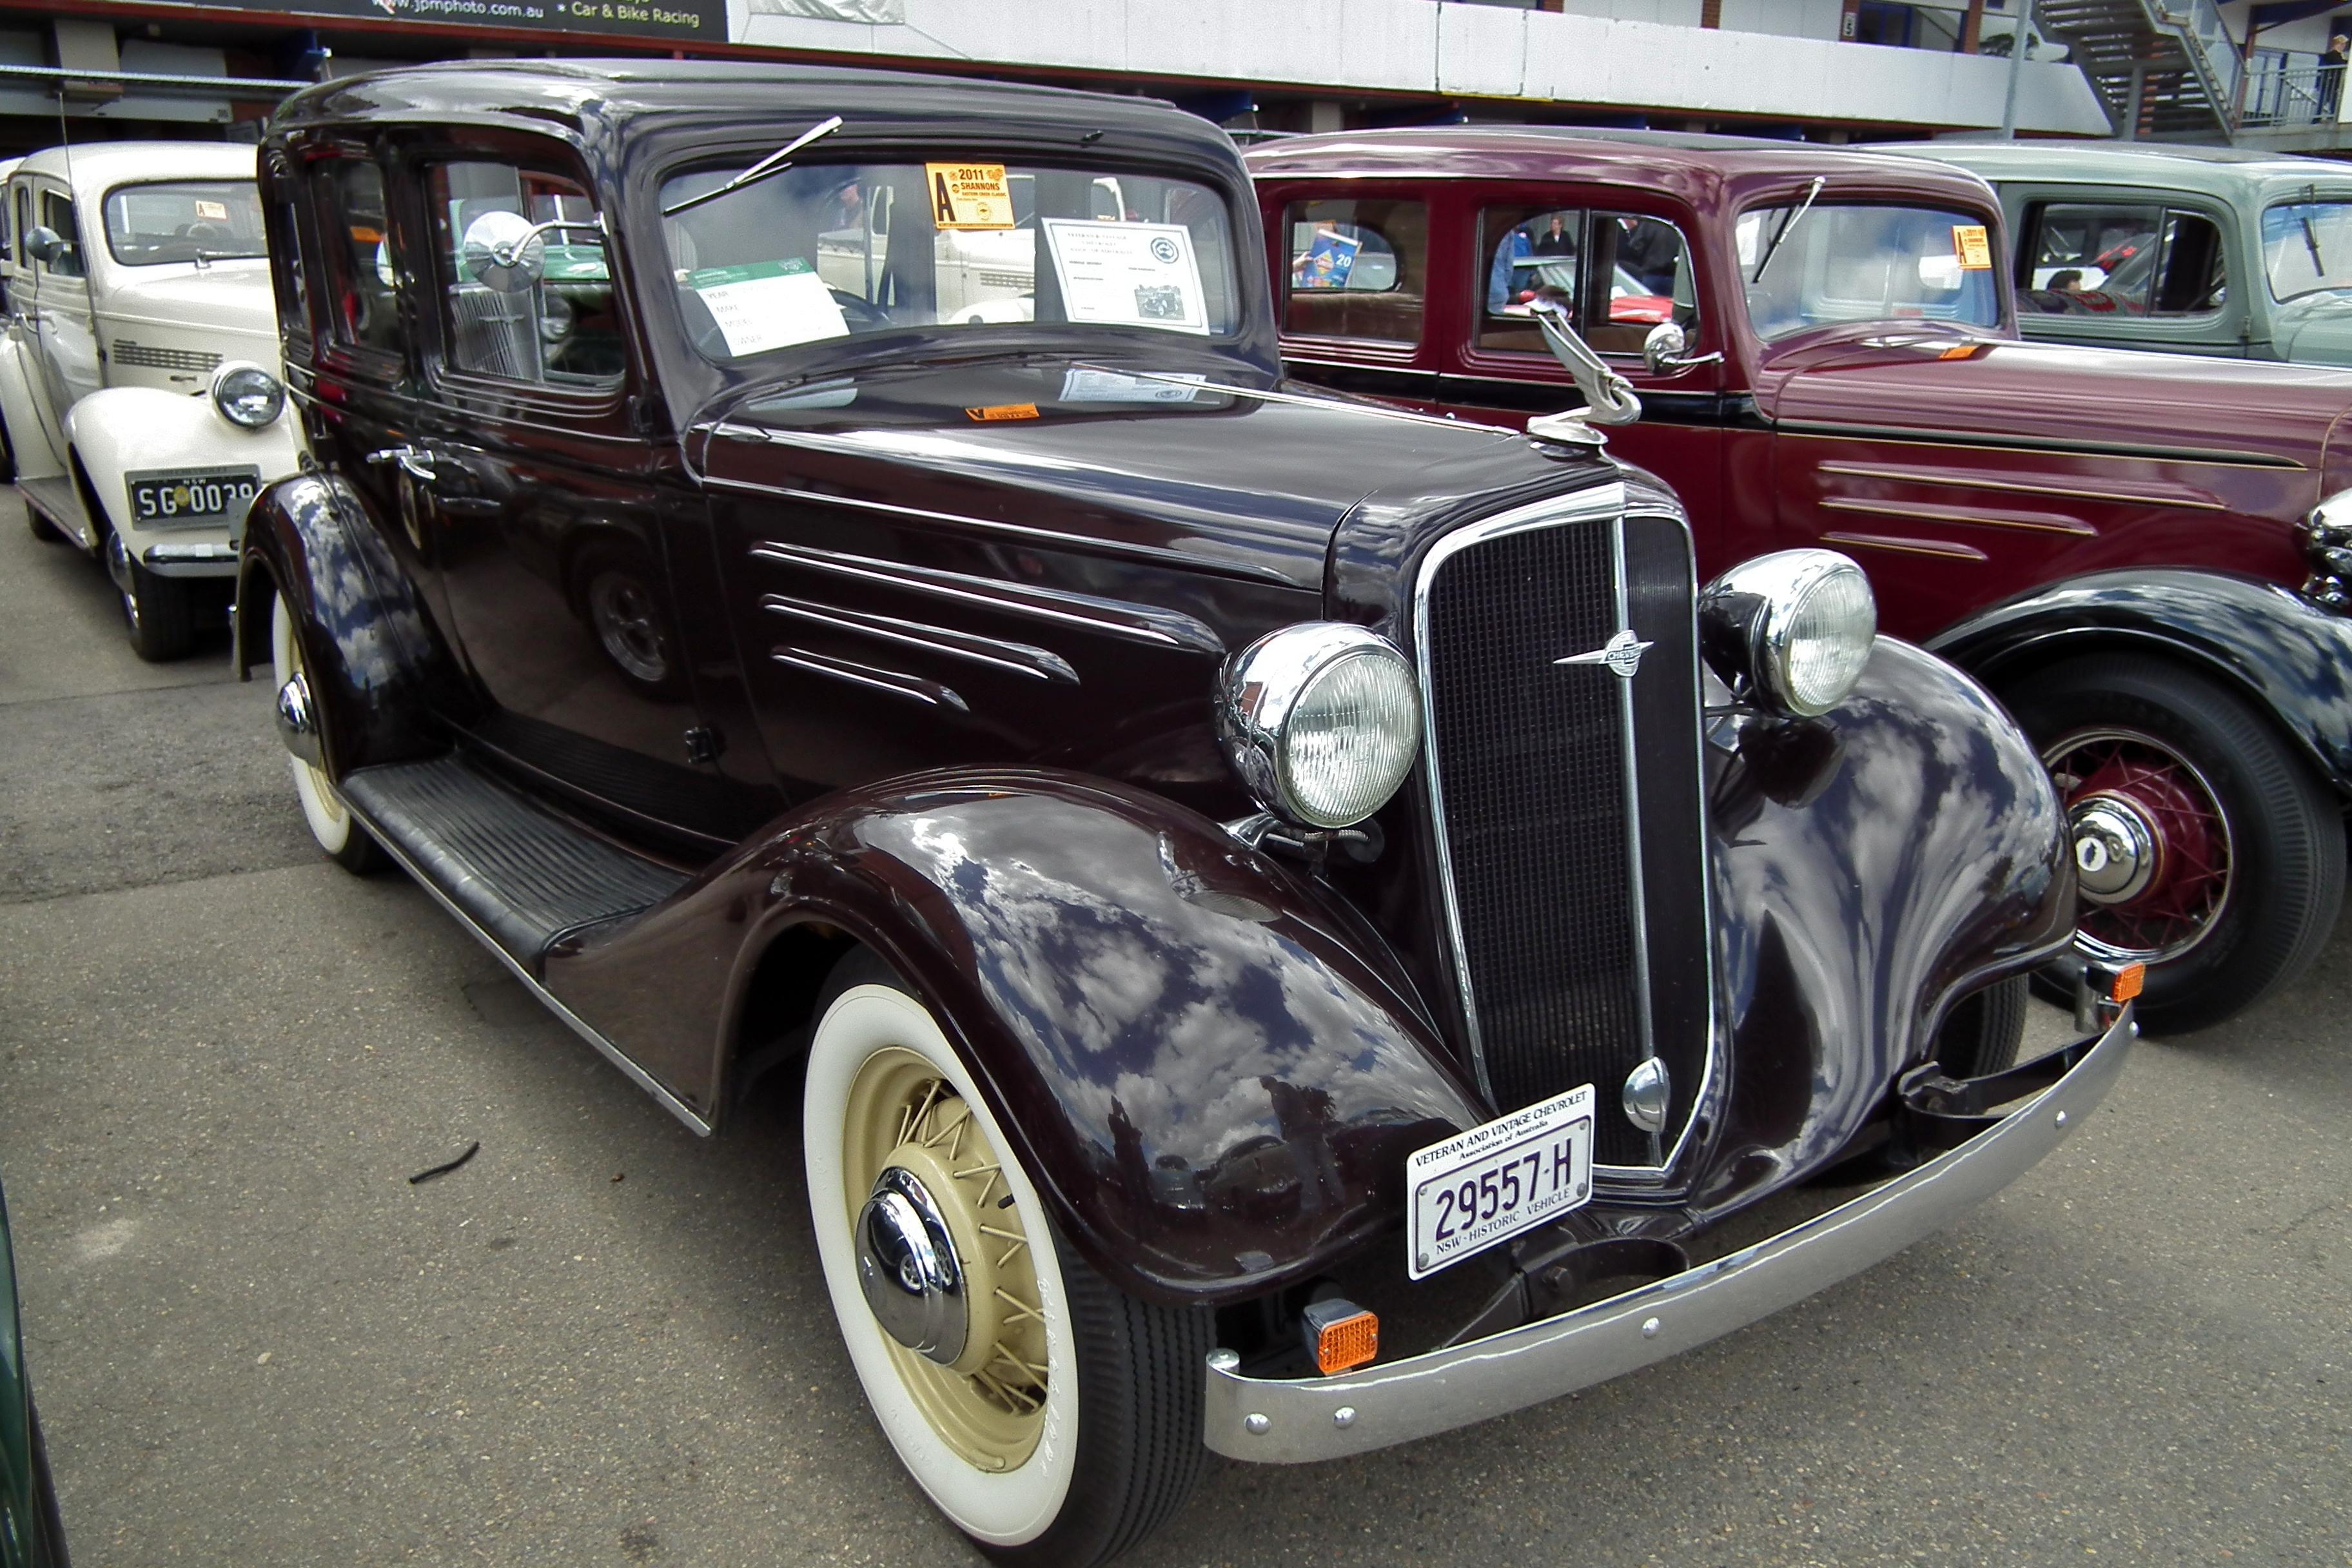 File:1934 Chevrolet Master sedan (6103144058) jpg - Wikimedia Commons